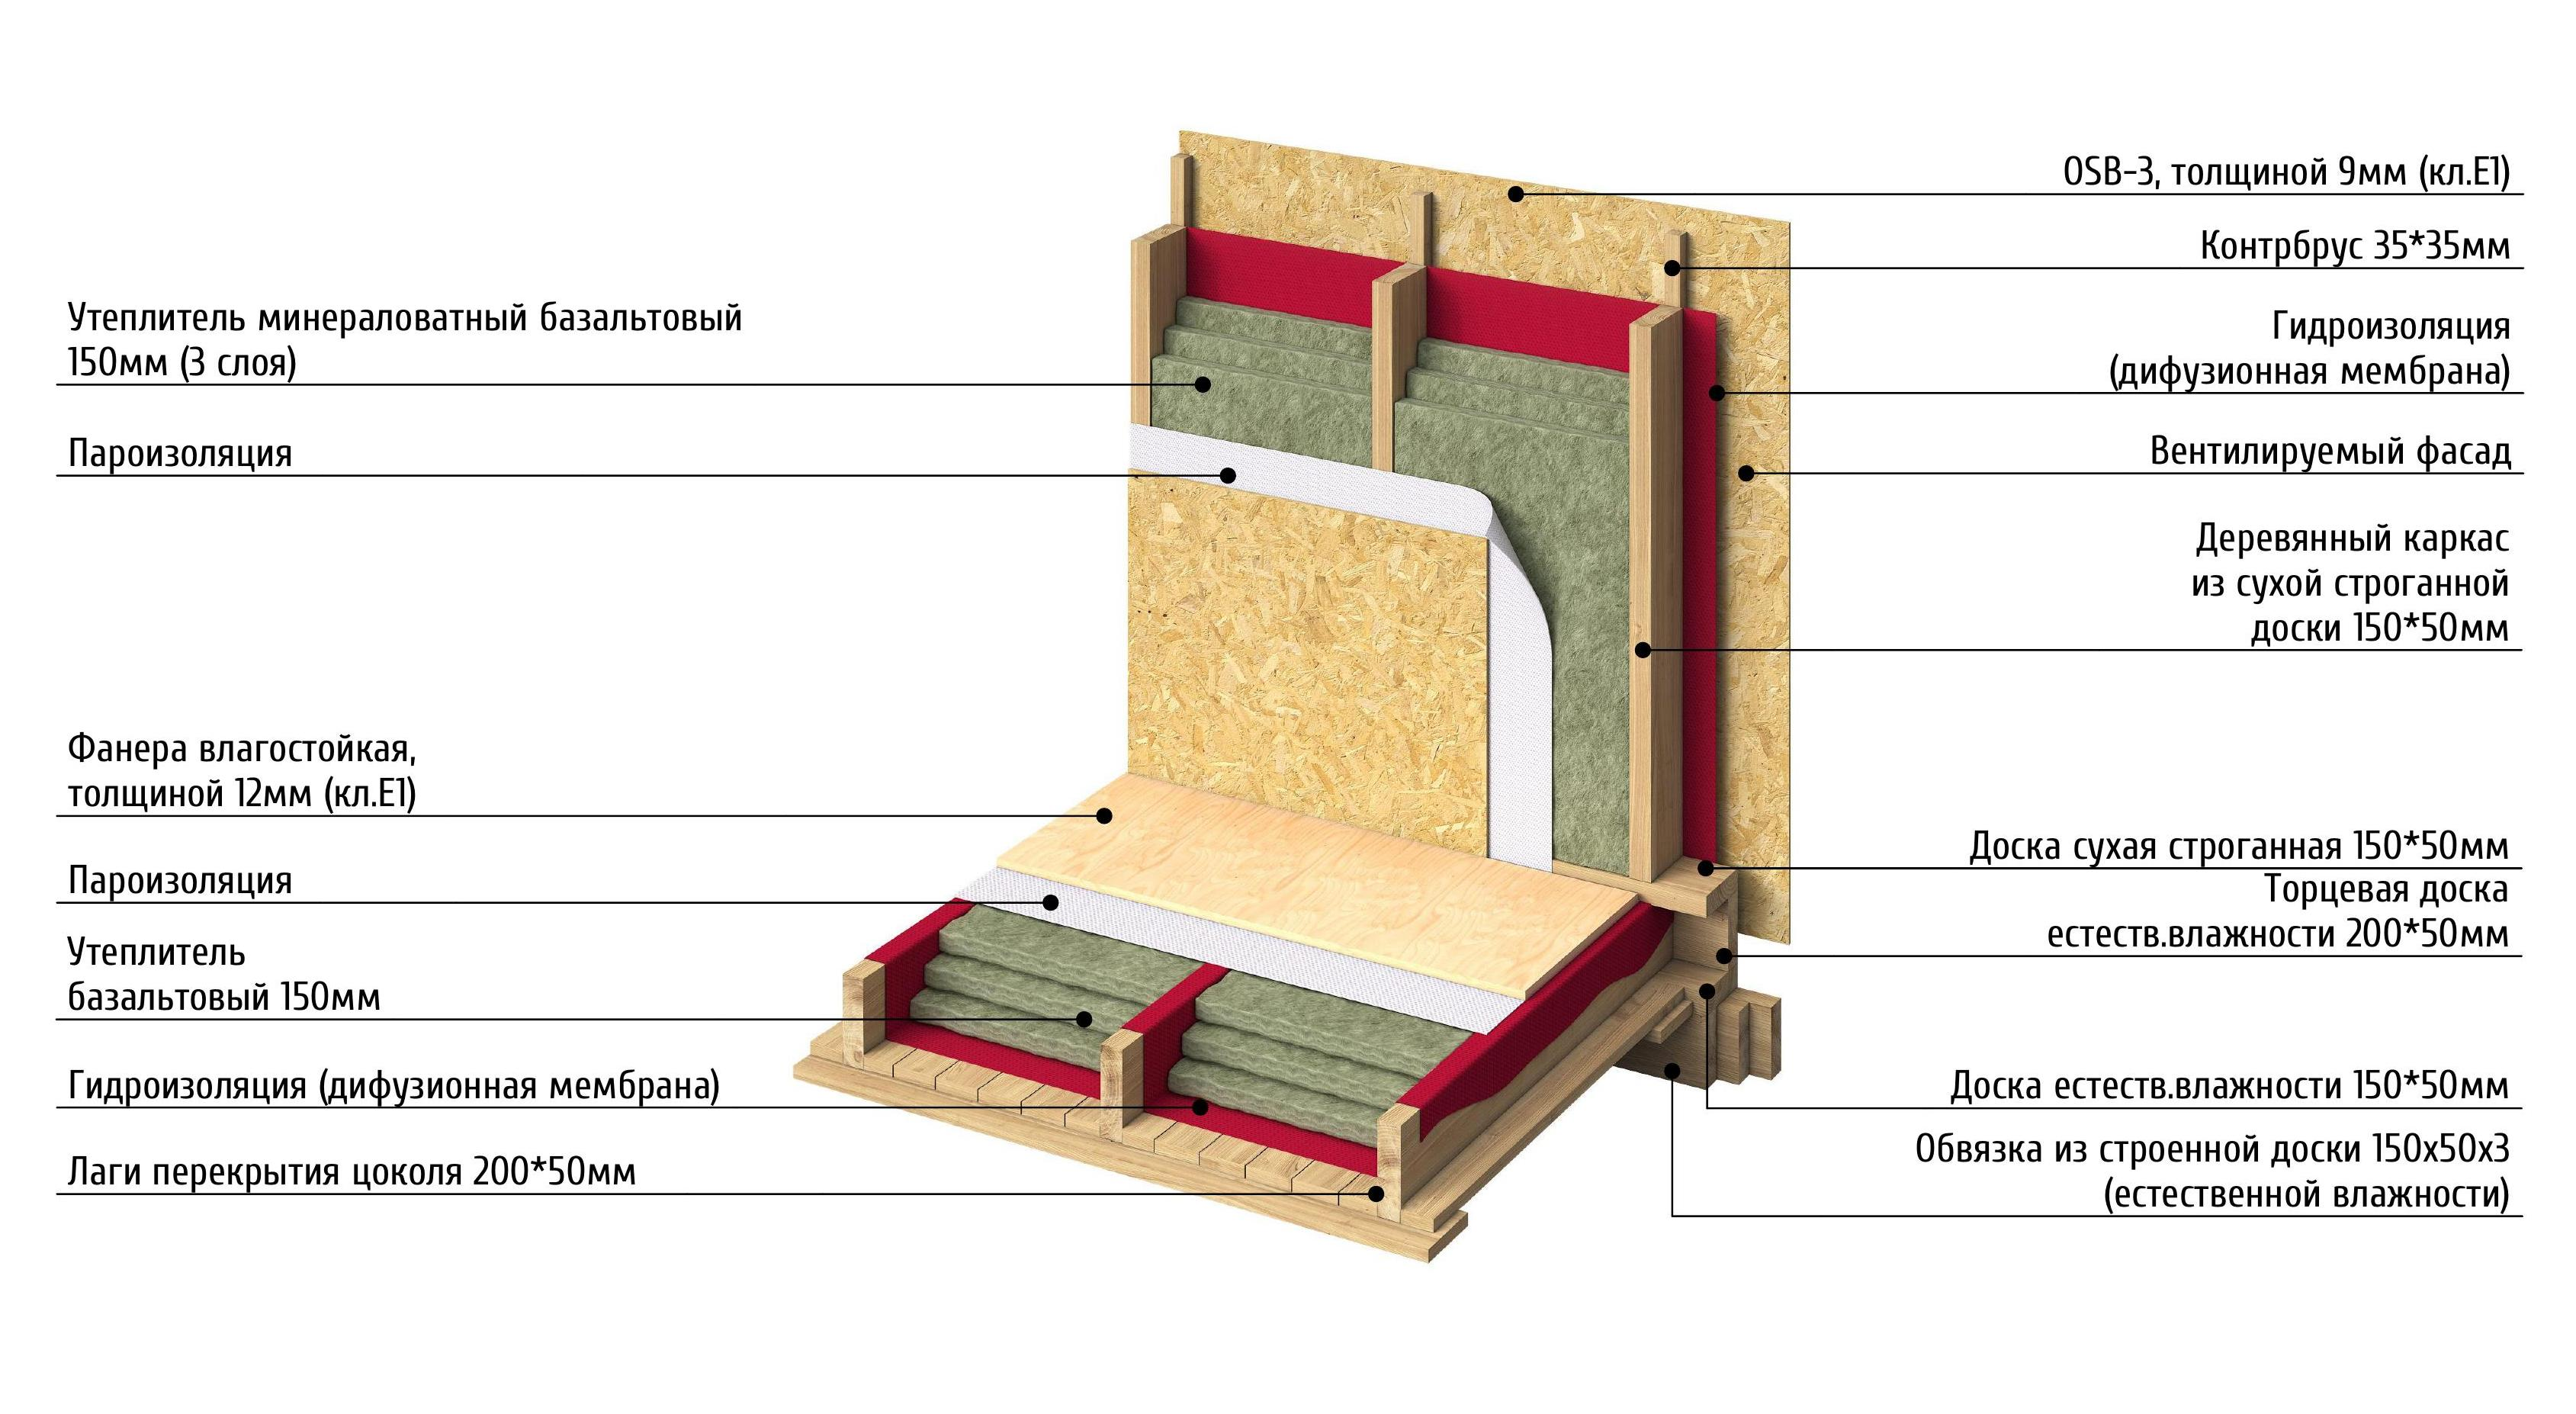 Какой пароизоляцией накрыть утеплитель каменную вату на чердаке?